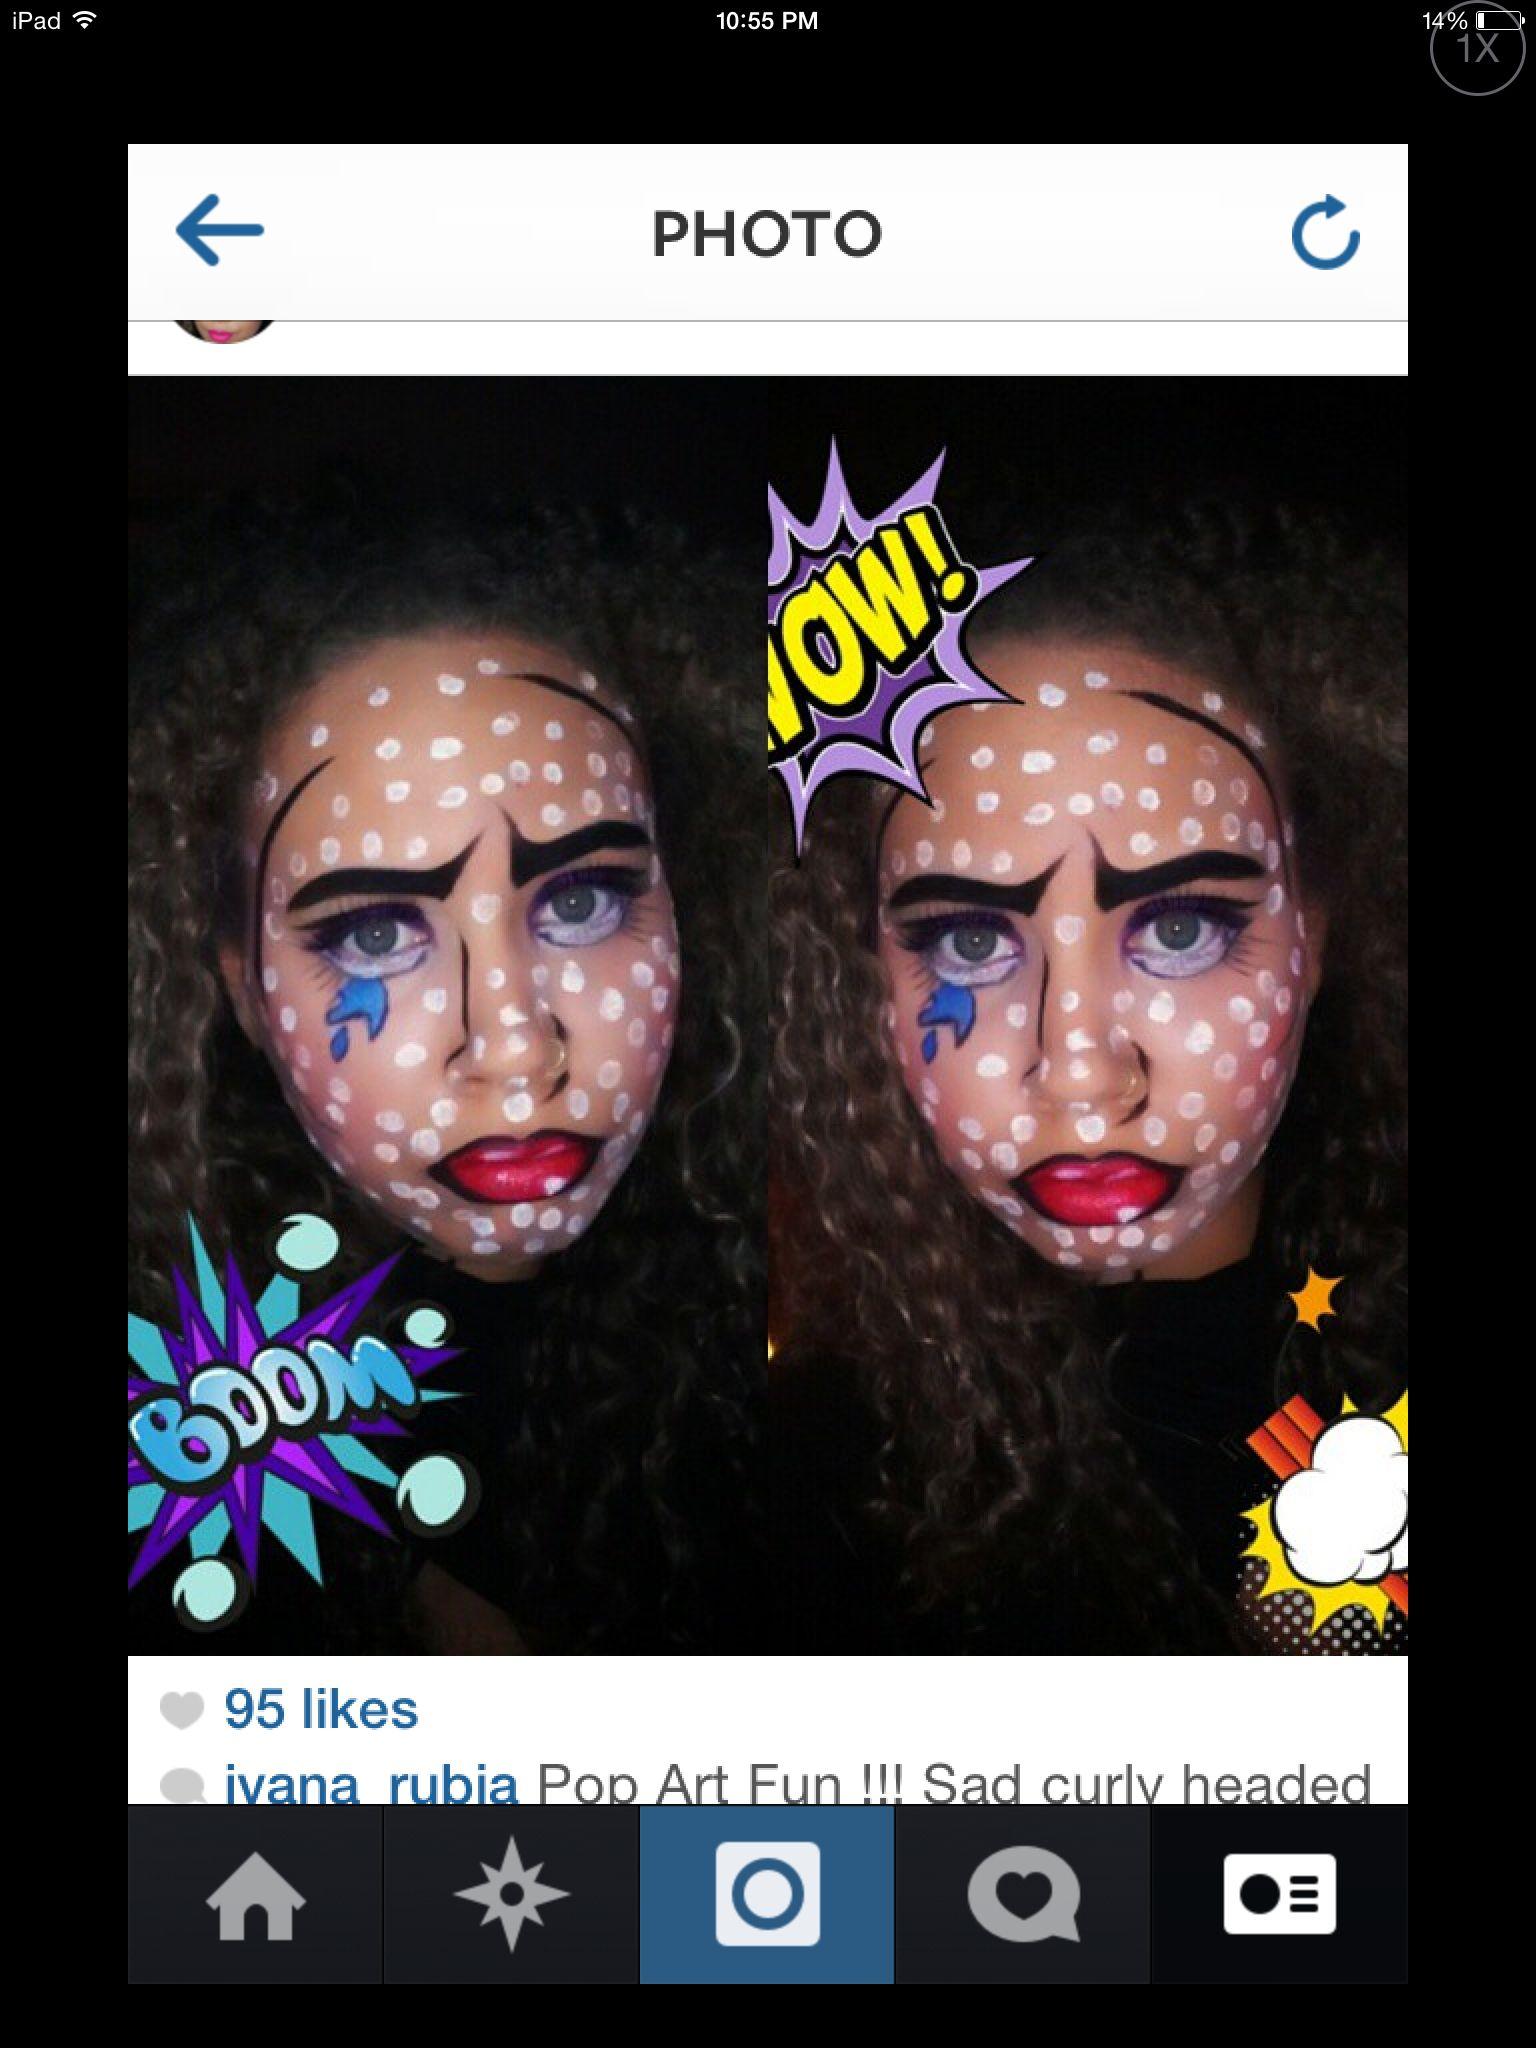 Makeup by Ivana_rubia pop art Halloween look